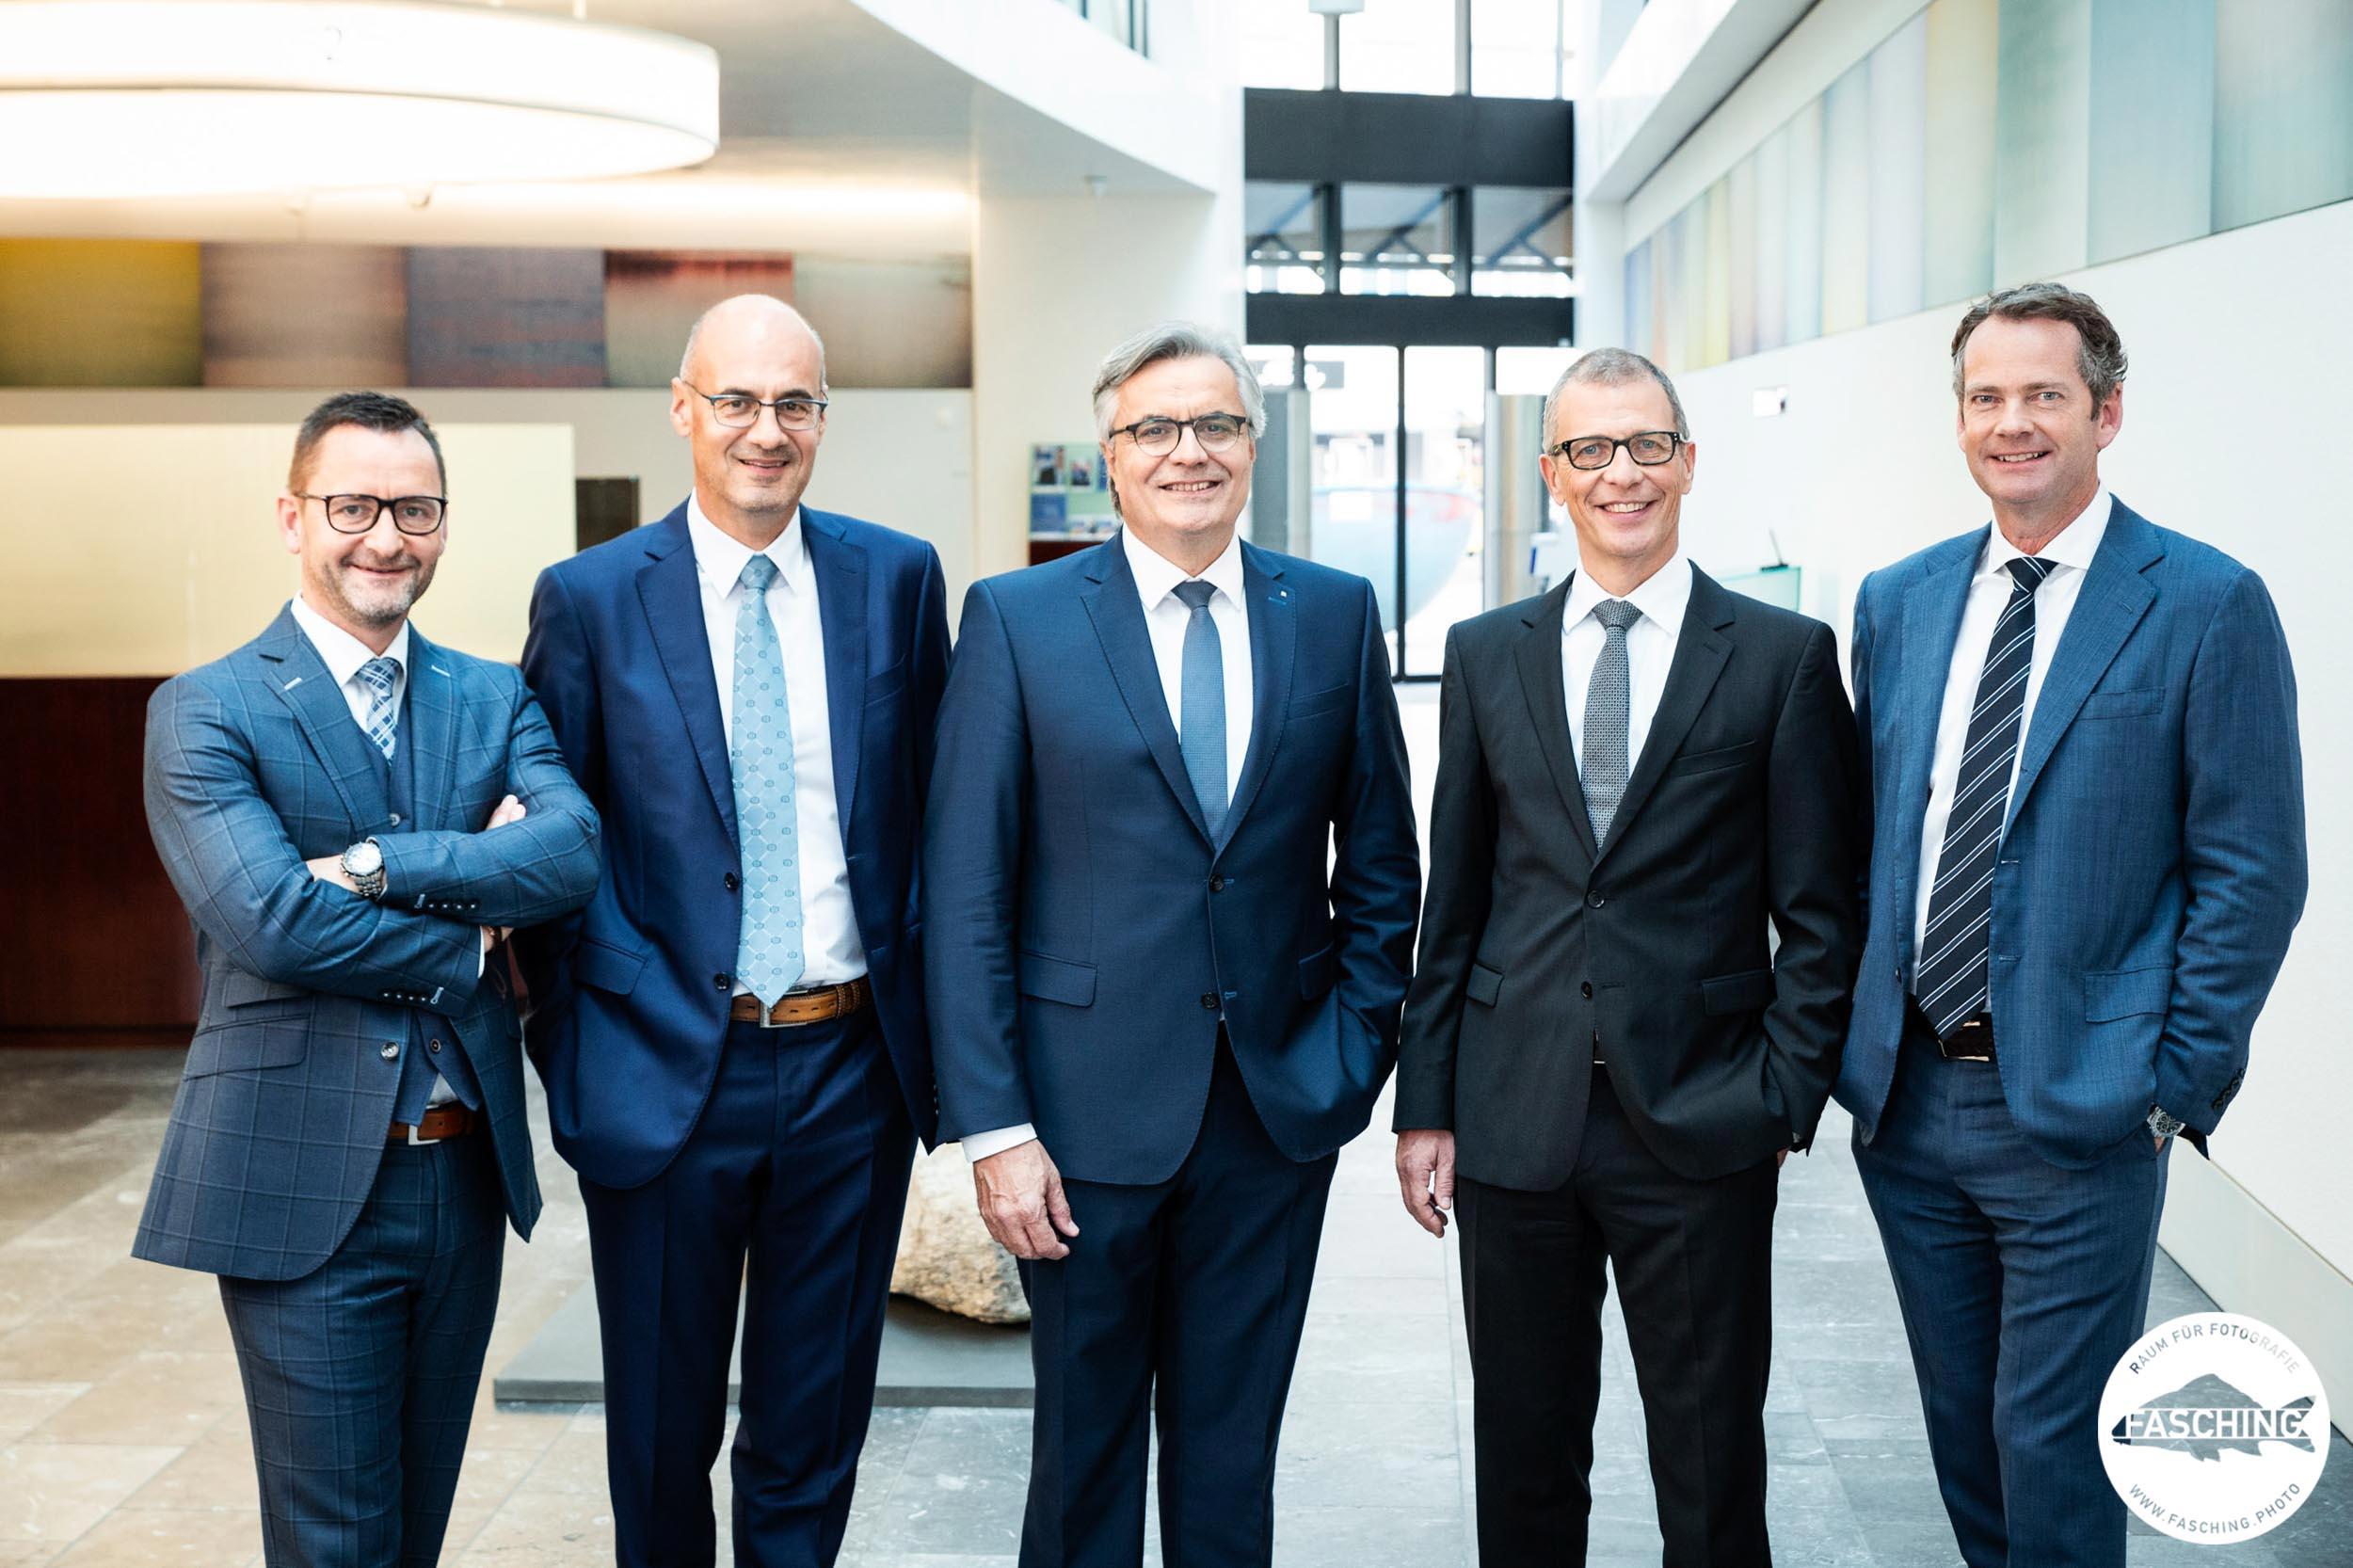 Businessportraits für den Jahresbericht der Graubündner Kantonalbank fotografiert von Reinhard Fasching